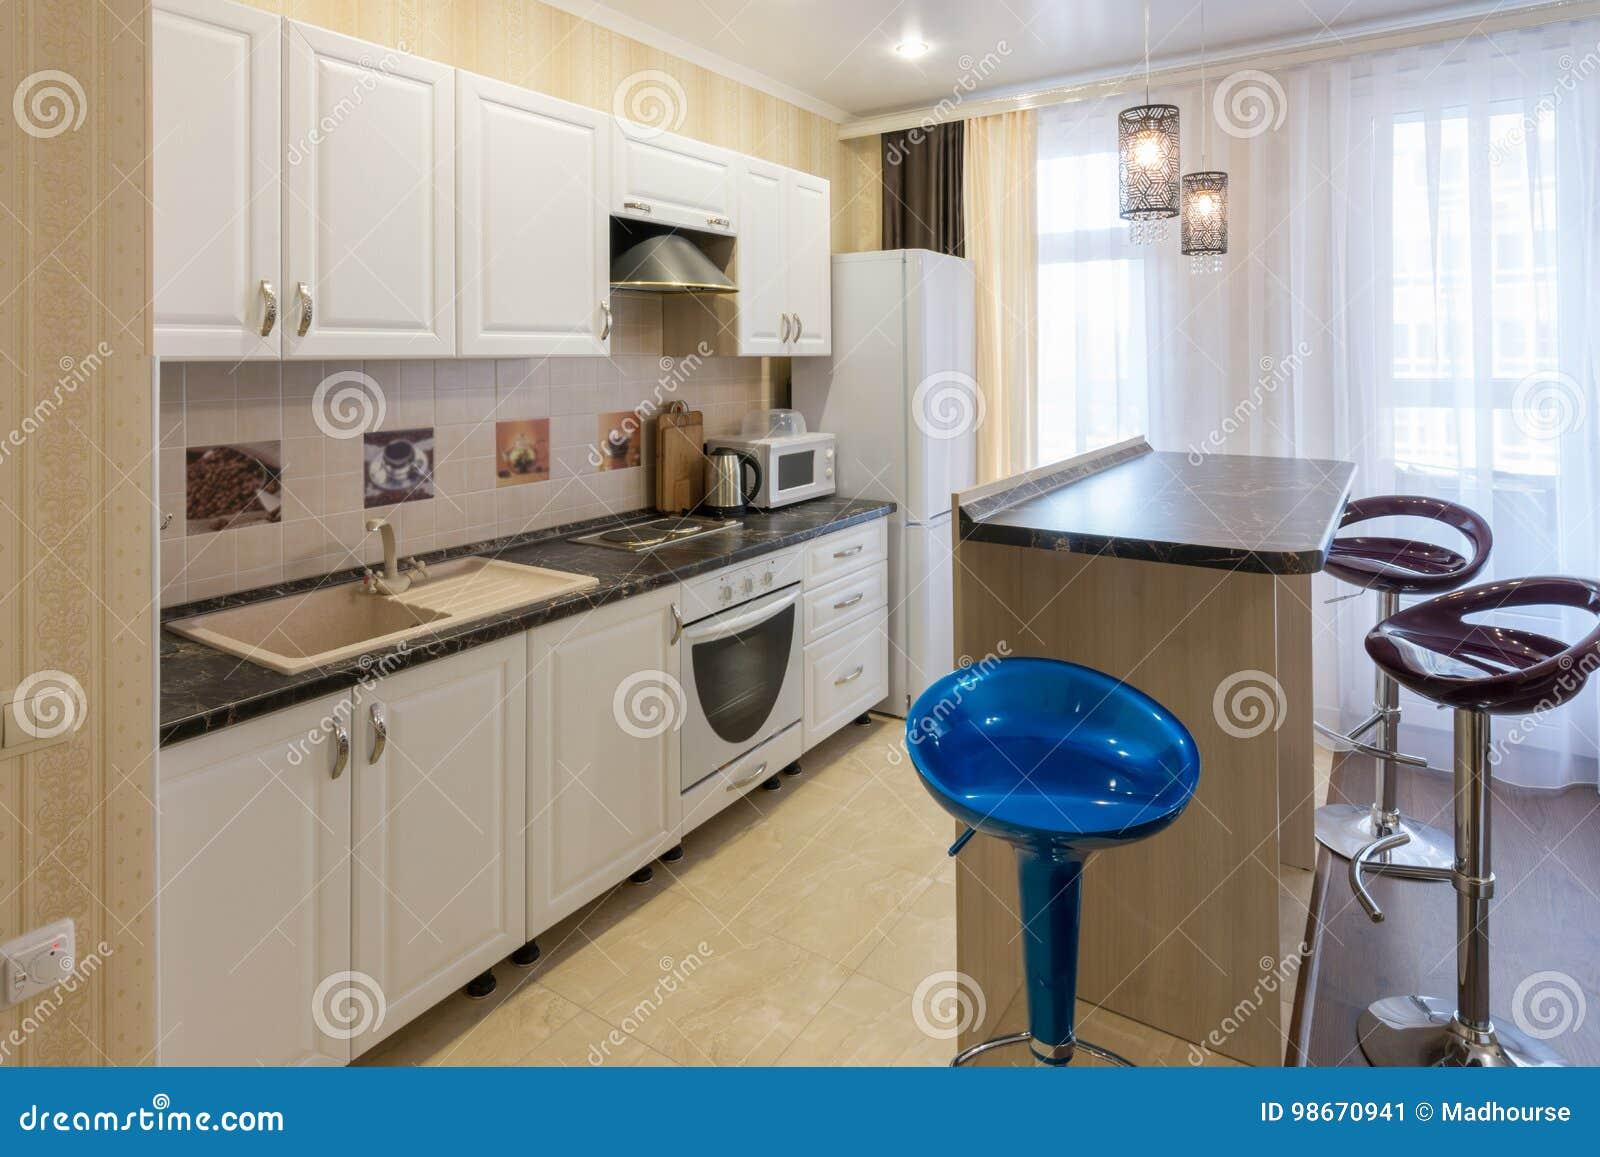 Innenraum Eines Wohnschlafzimmers, Ansicht Des Küchensatzes Und Ein ...